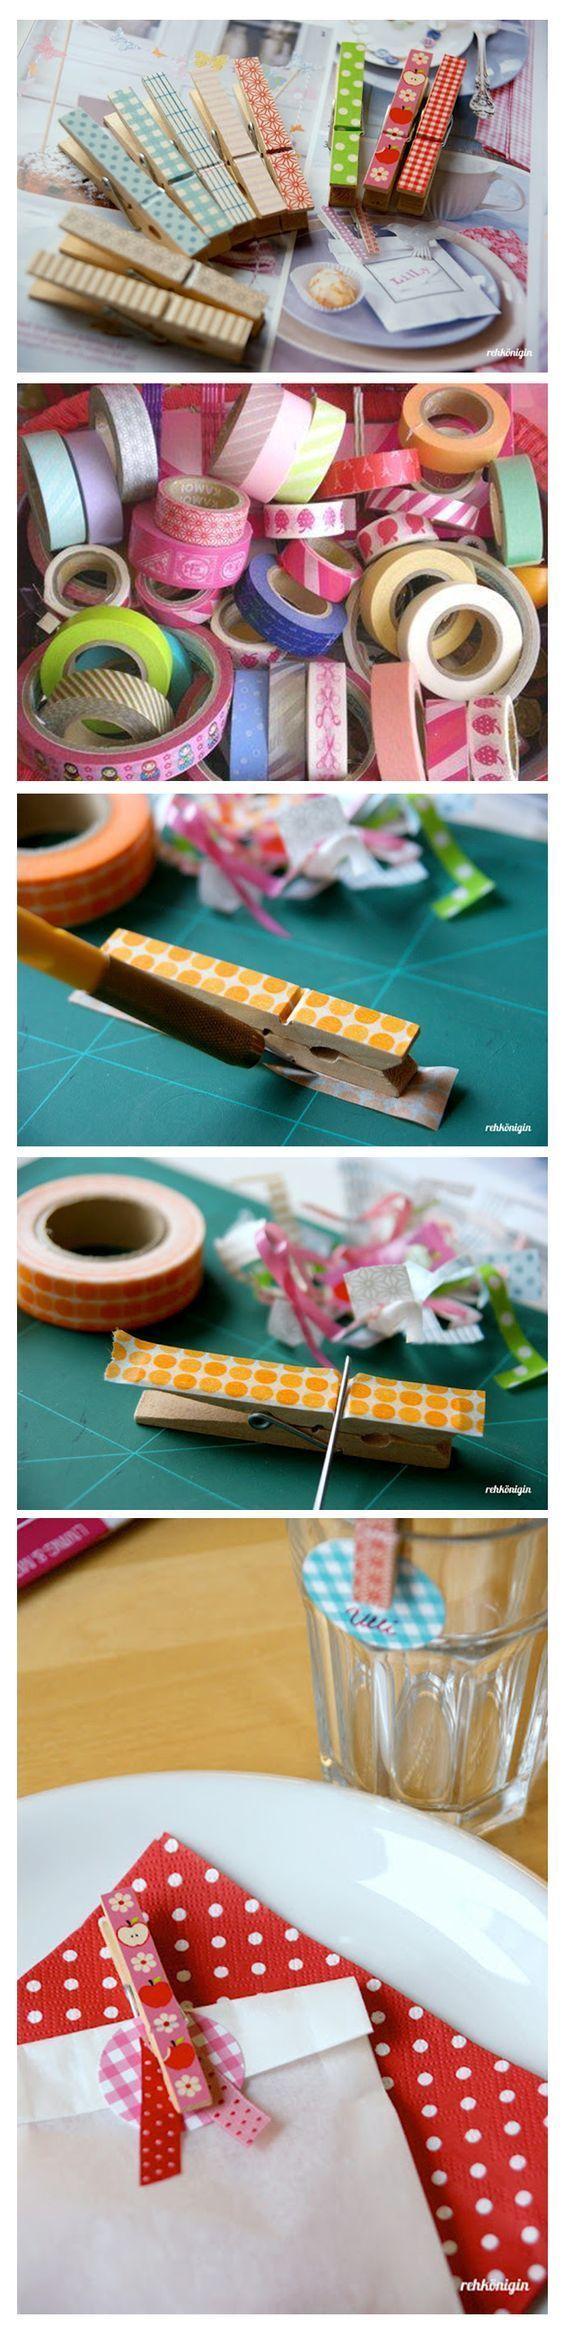 Pregadores de madeira + Washi tapes. Ótimo para usar com imã em Pegboards!